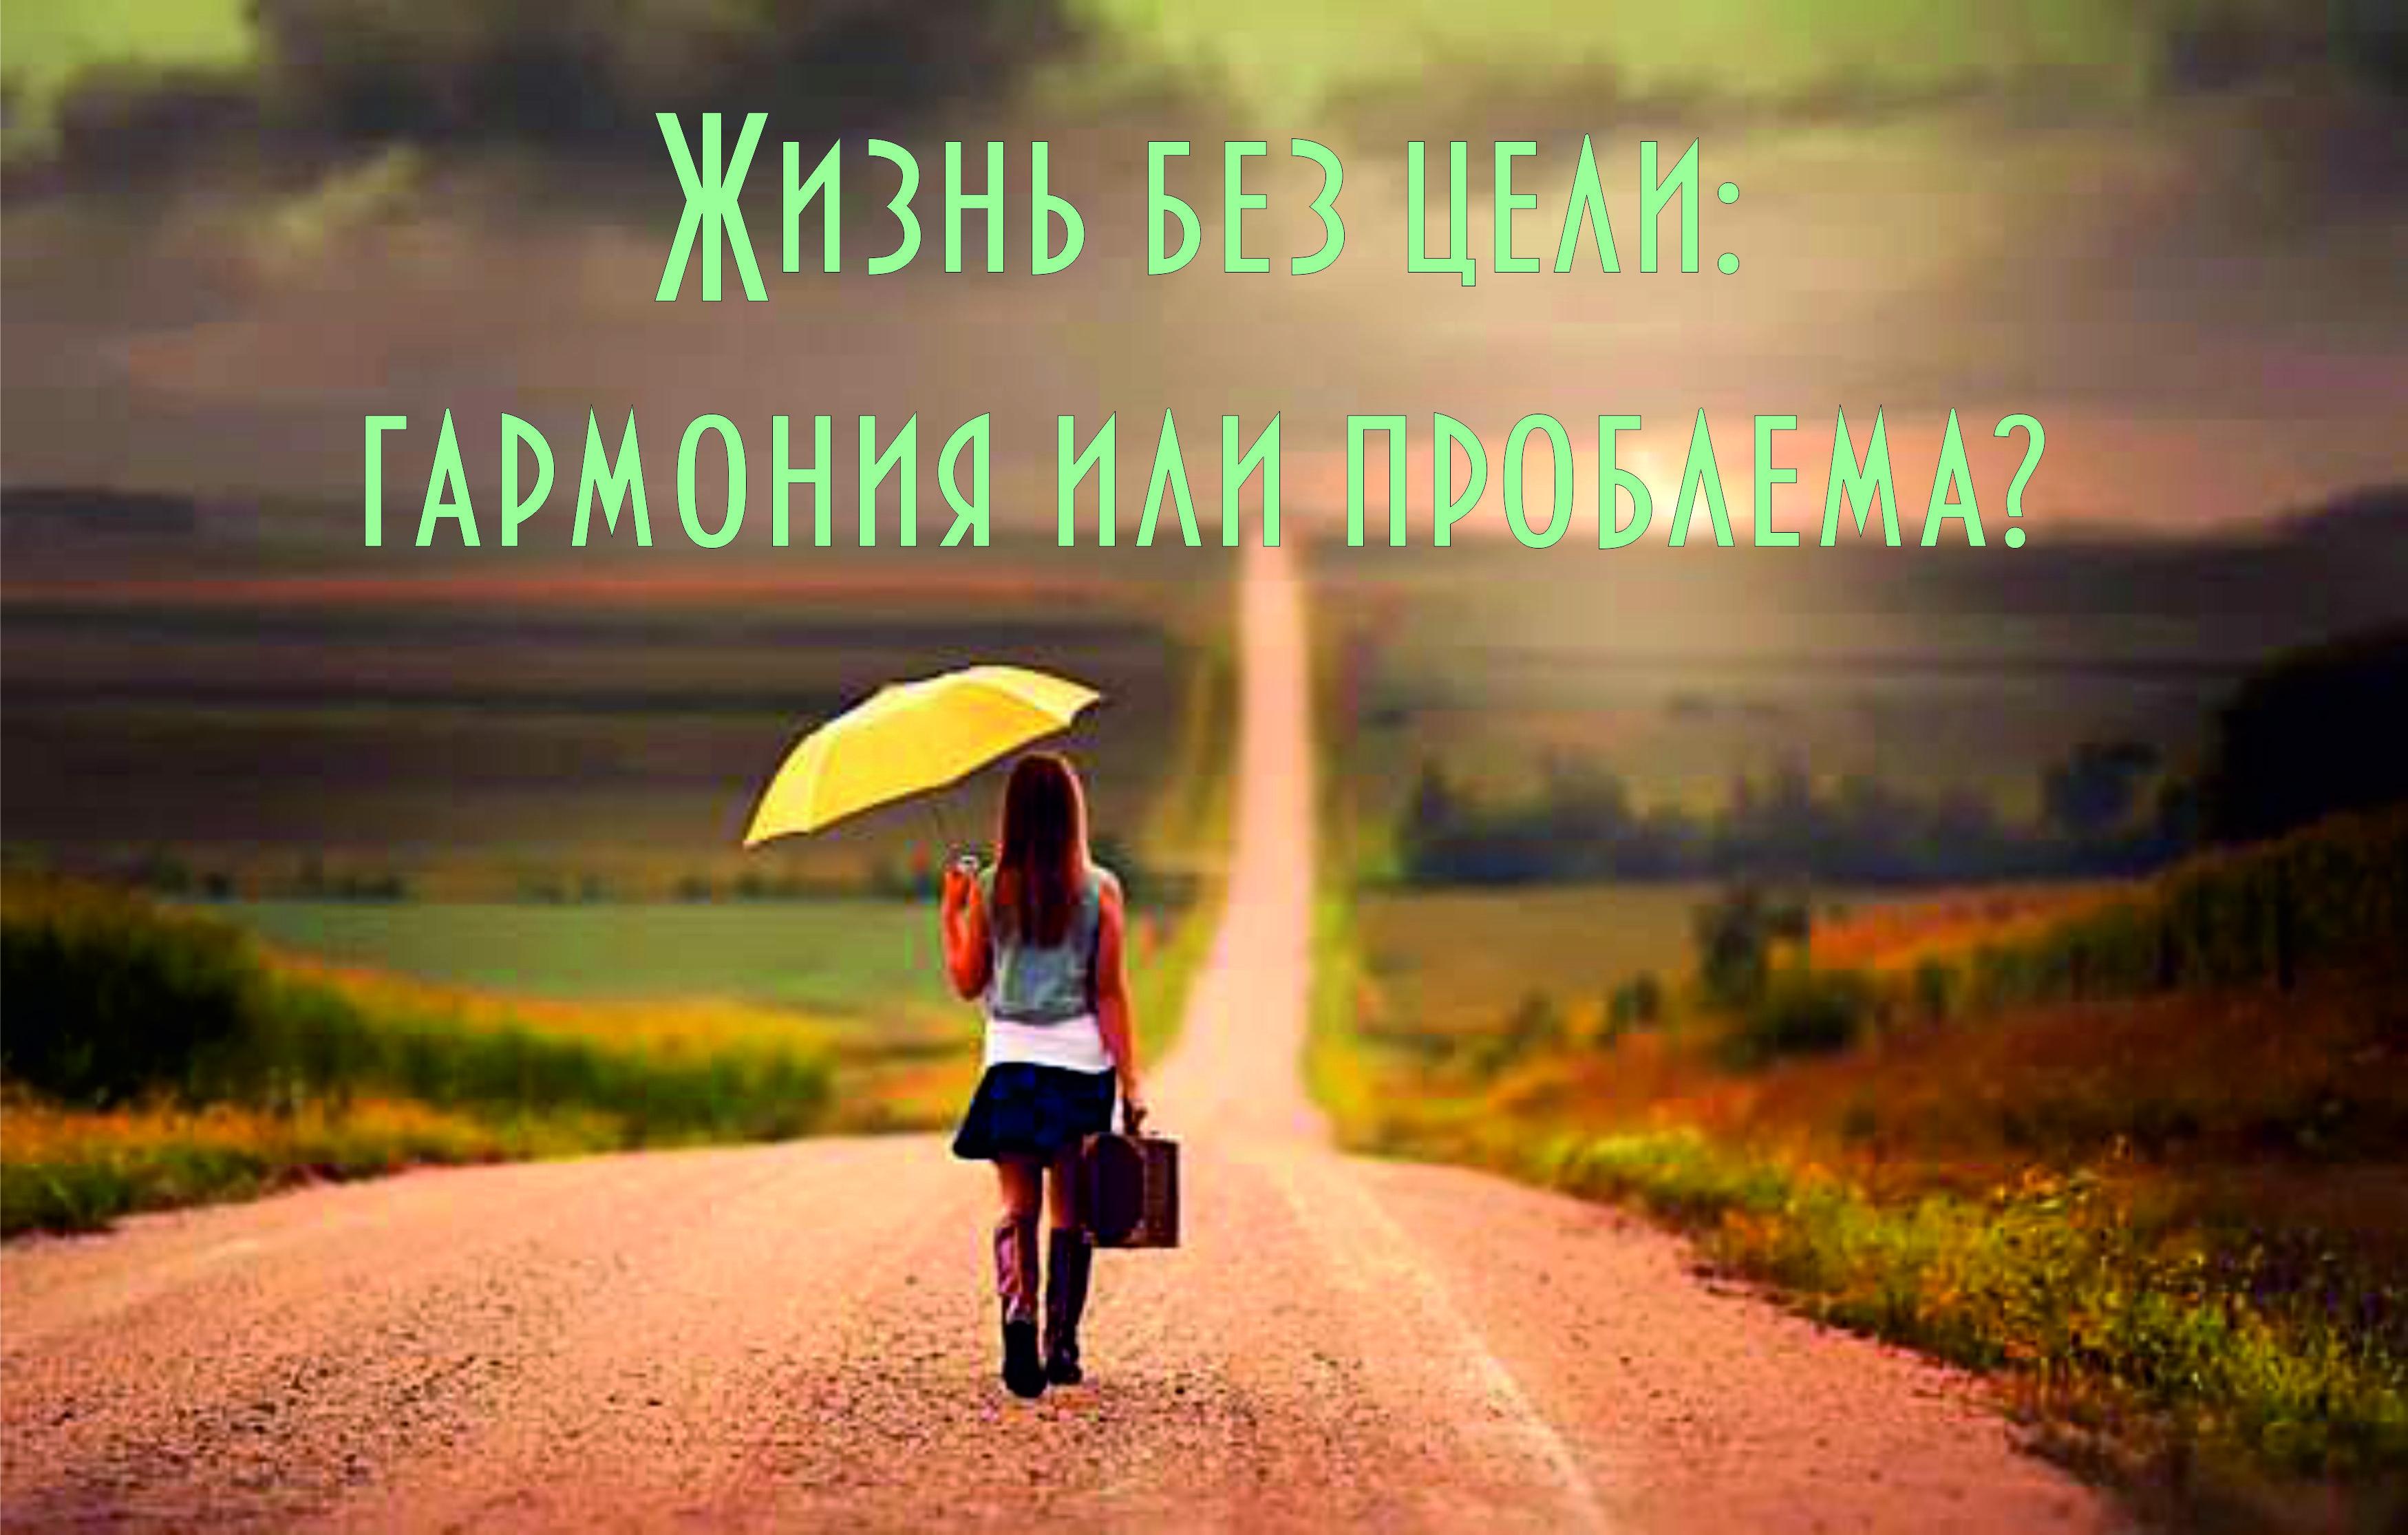 жизнь без цели